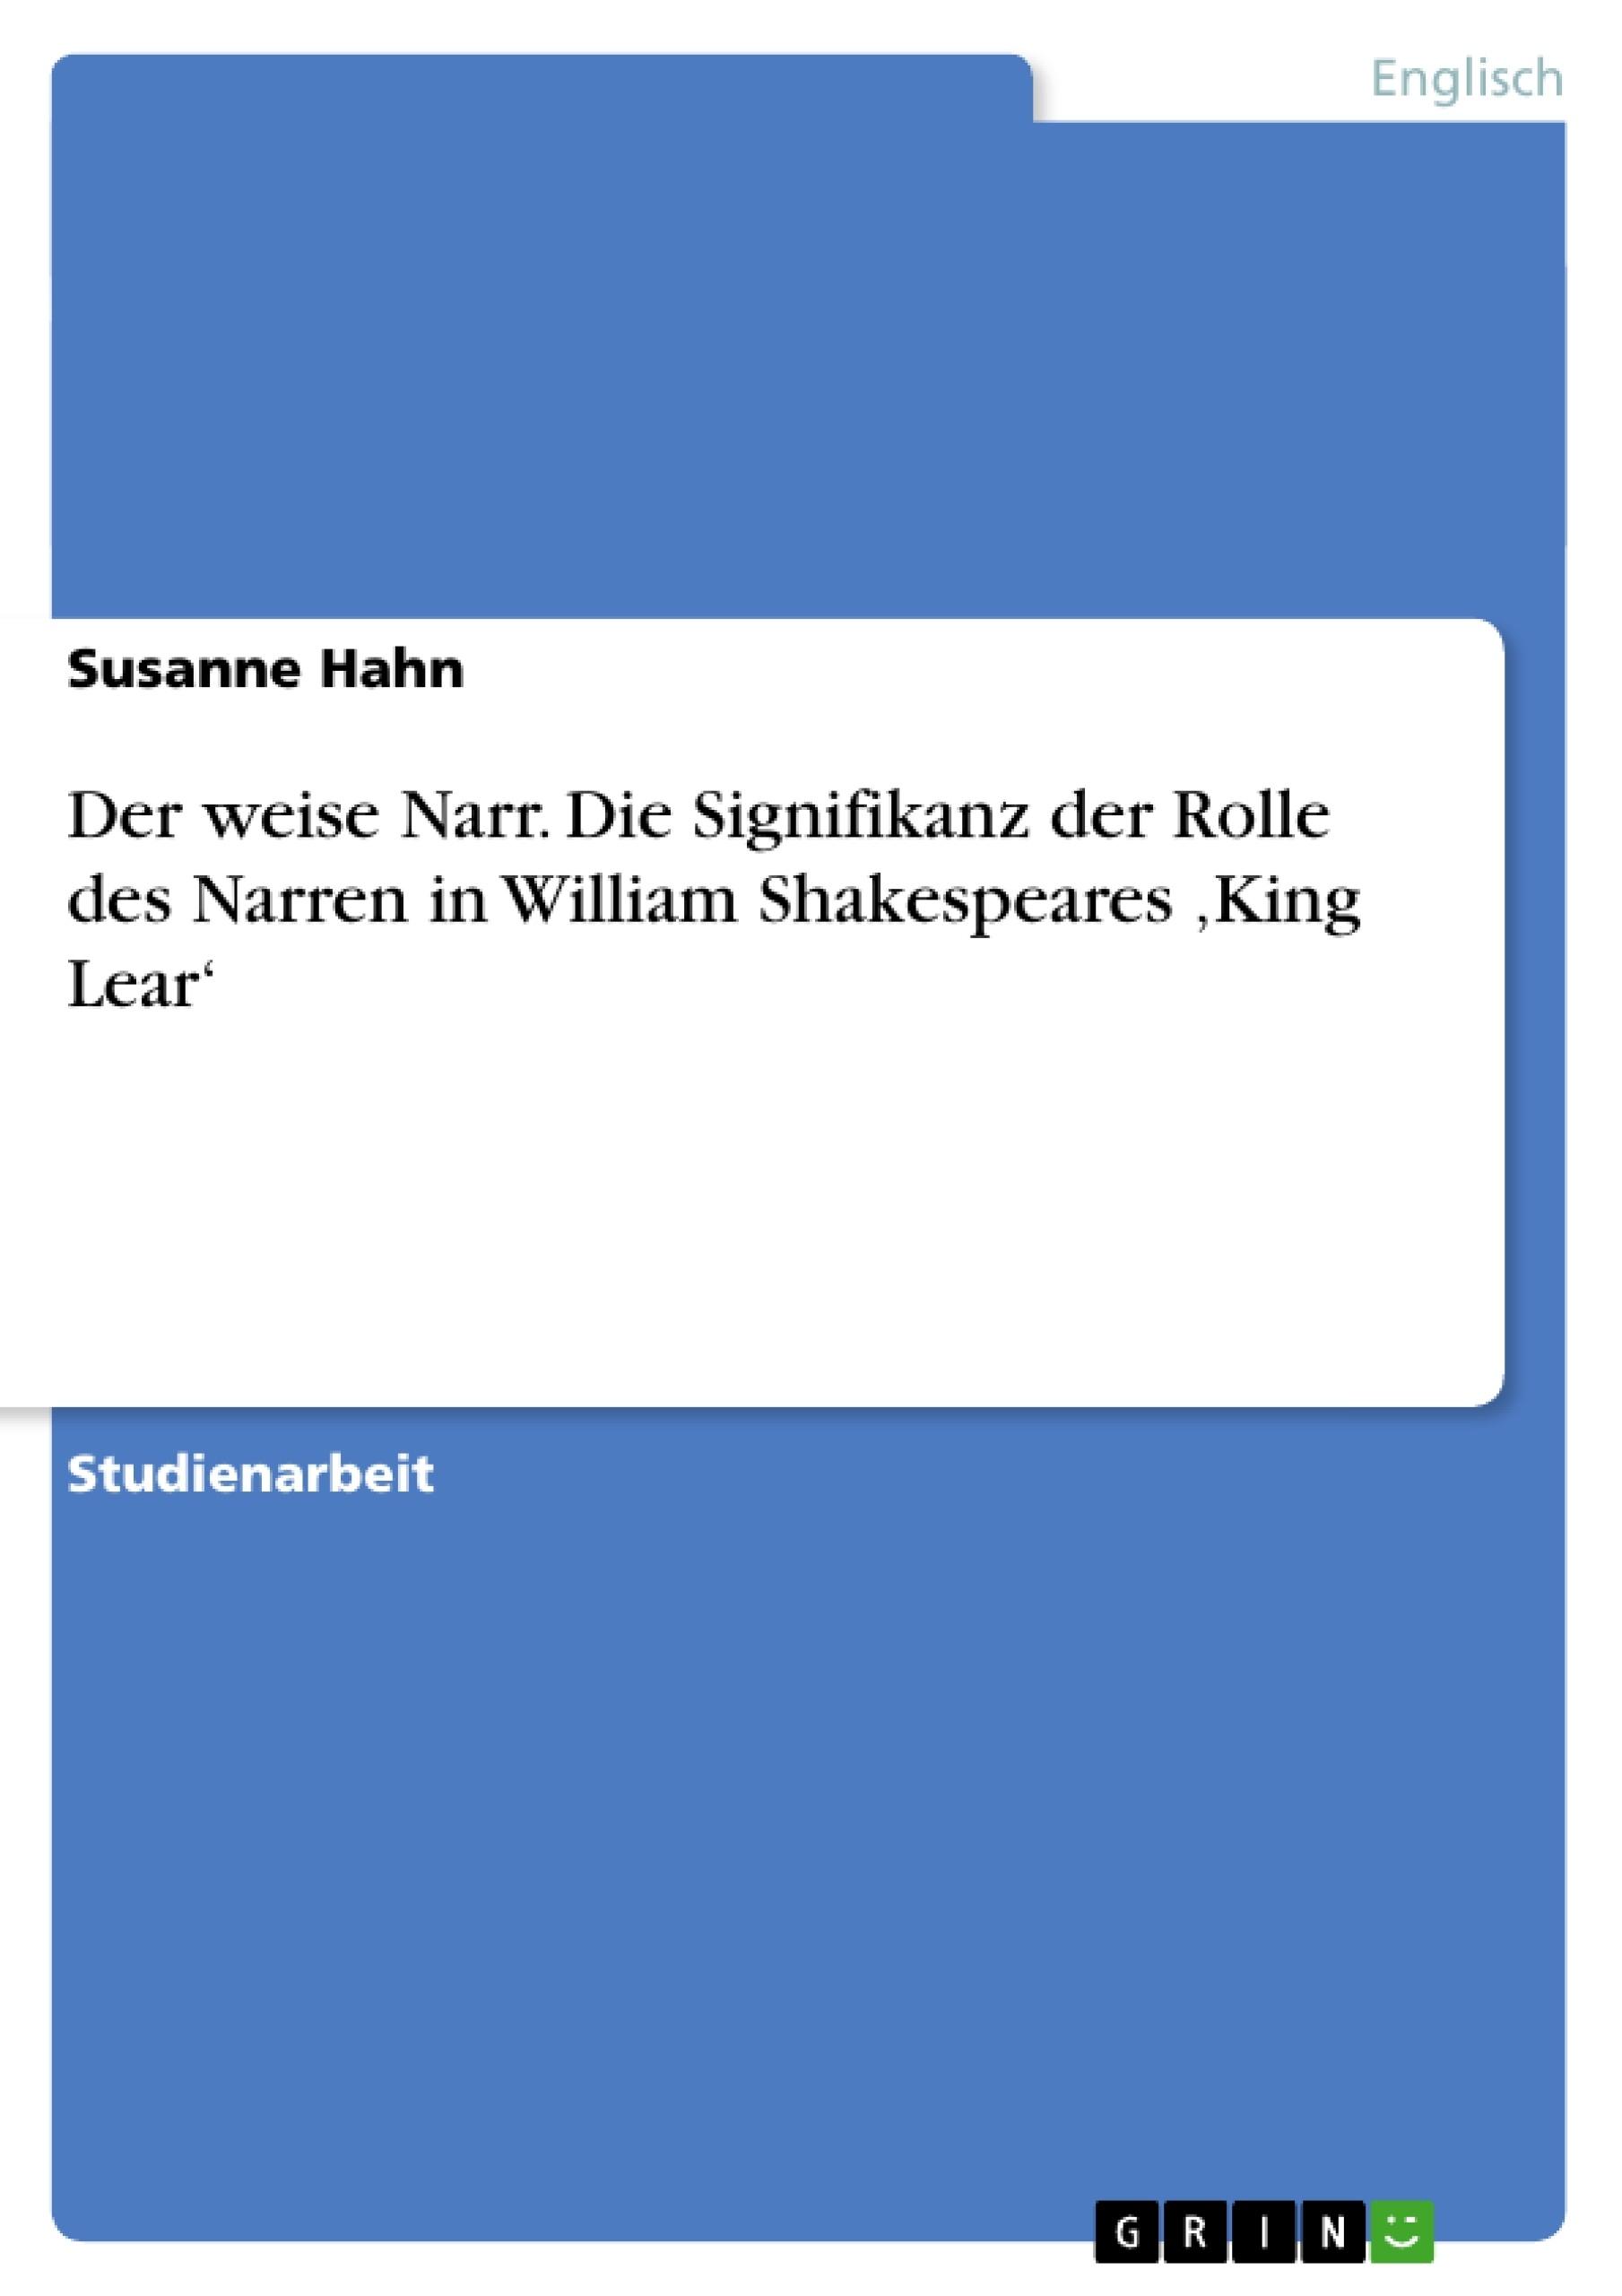 Titel: Der weise Narr. Die Signifikanz der Rolle des Narren in William Shakespeares 'King Lear'